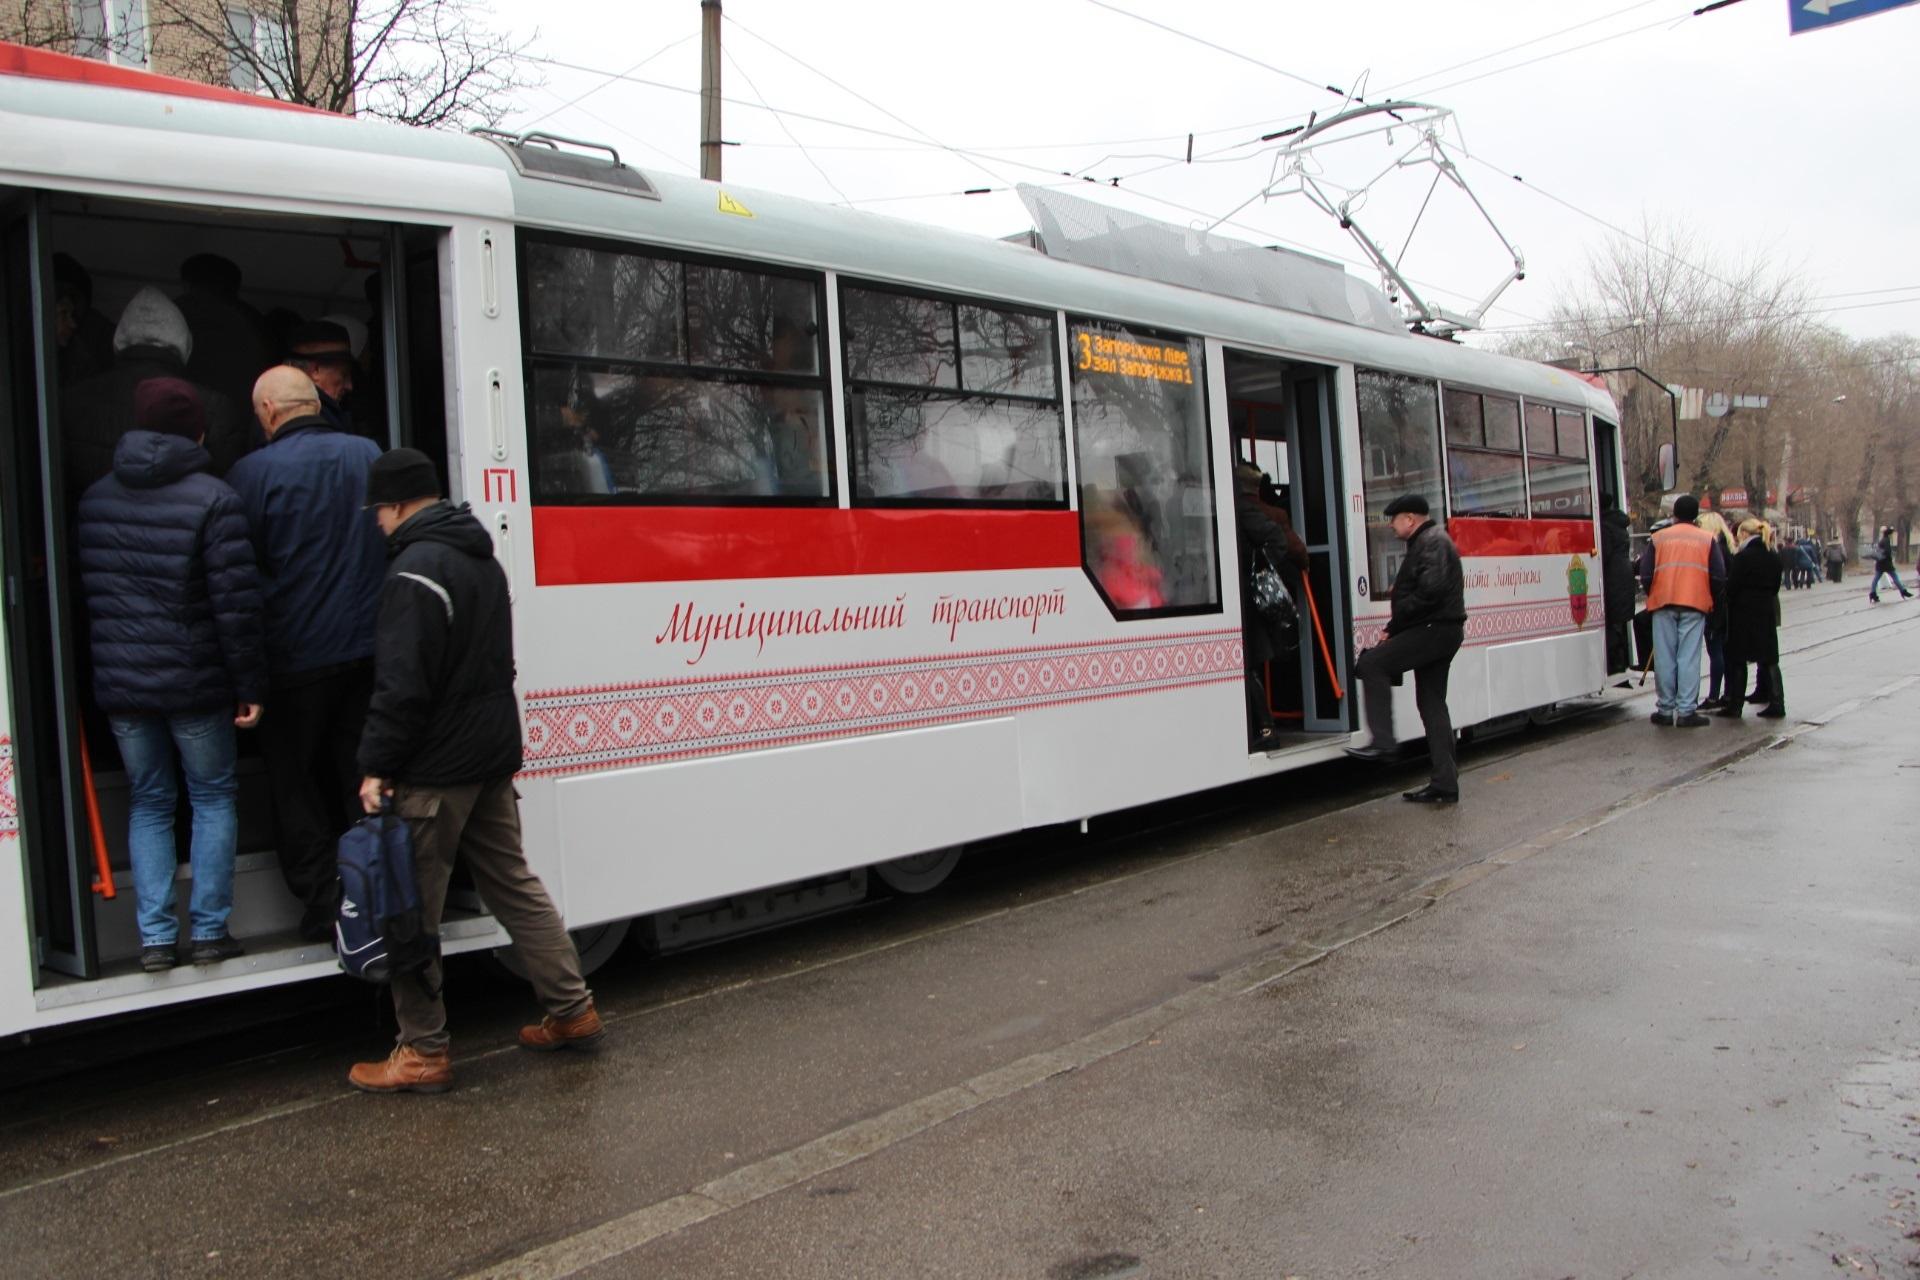 Коли в міському транспорті підвищать комфорт та безпеку